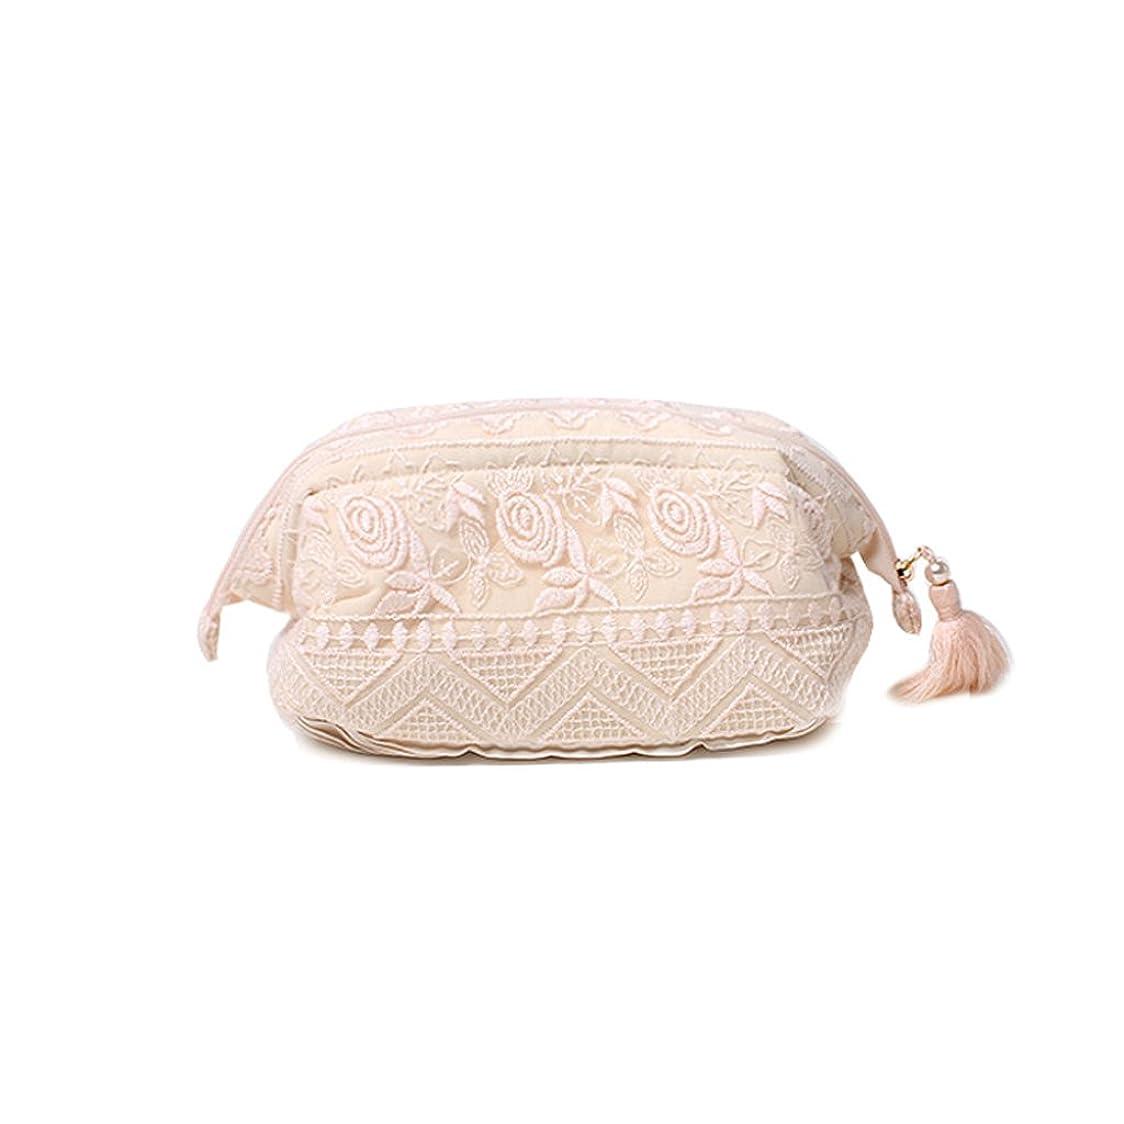 リーダーシップ王族チャンピオンシップWANGXIAOLIN レースフラワー刺繍の化粧品バッグ大容量収納袋 (色 : Pink)